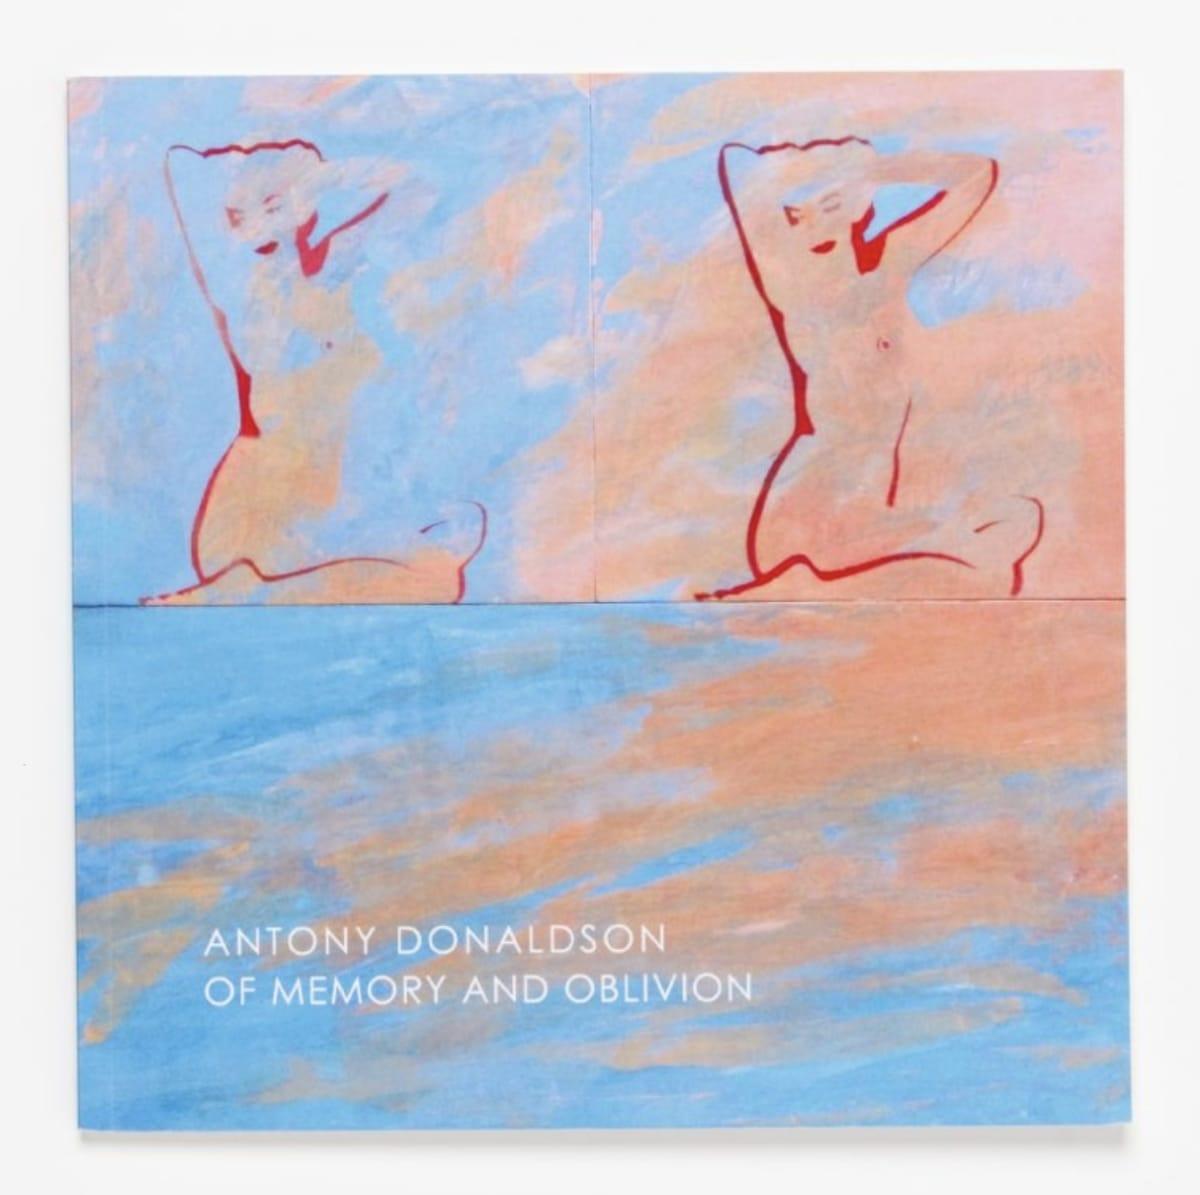 ANTONY DONALDSON